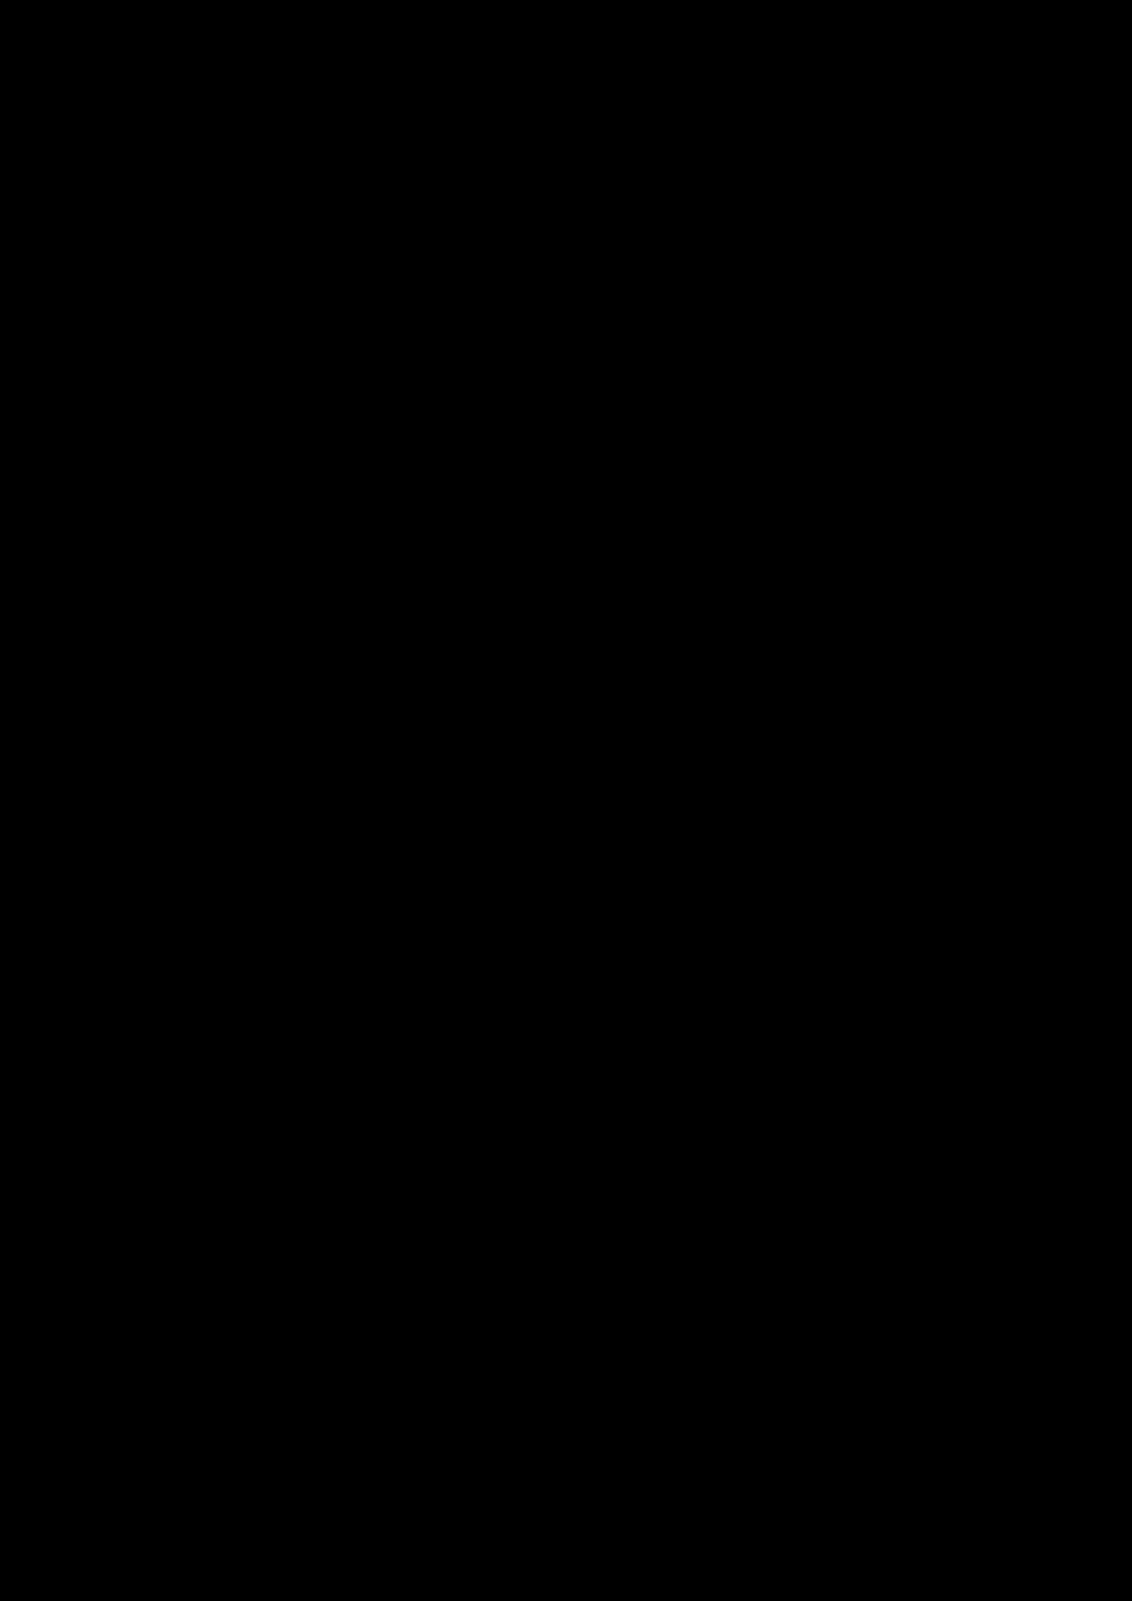 Hools slide, Image 3